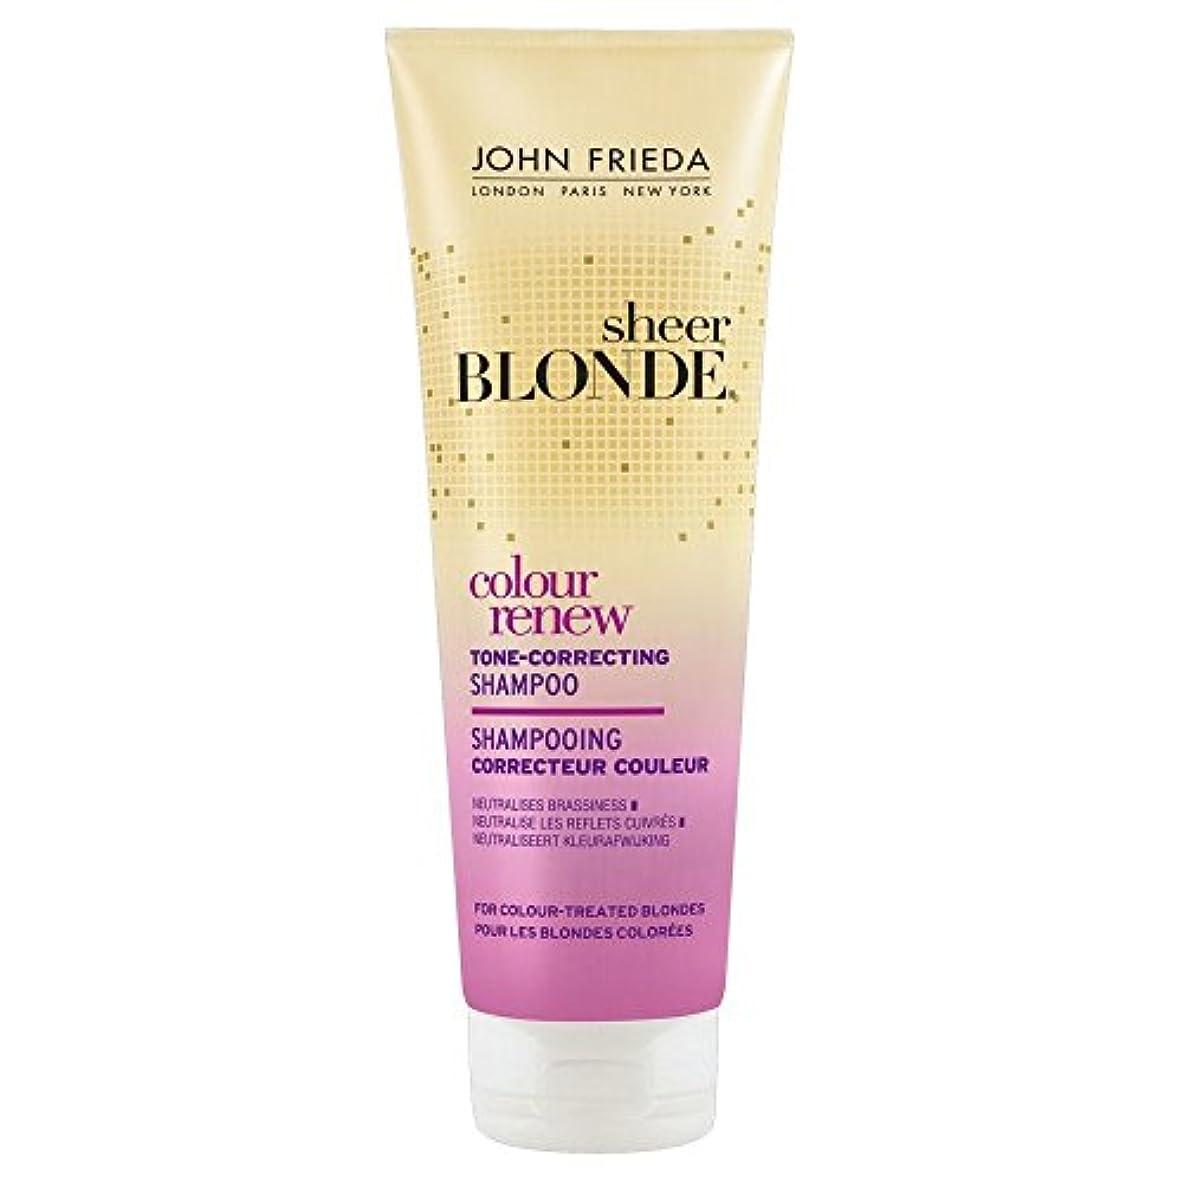 構成逆経由でJohn Frieda Sheer Blonde Colour Renew Tone Correcting Shampoo (250ml) ジョン?フリーダ全くのブロンド色は色調を補正シャンプー( 250ミリリットル)を...